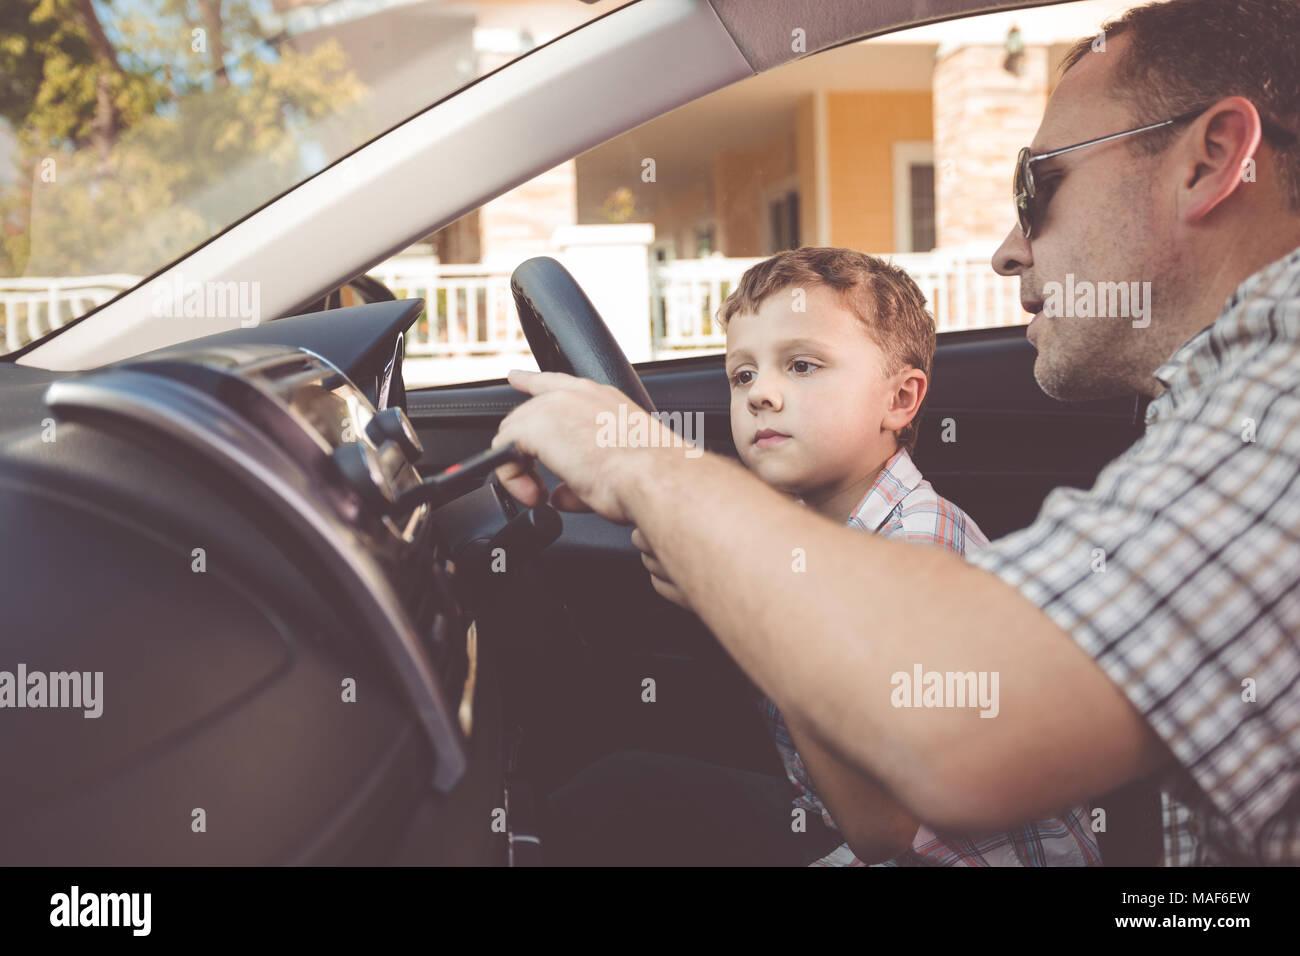 Feliz padre e hijo sentados en el coche en el día. Las personas preparándose para el viaje por carretera. Concepto de familia feliz. Imagen De Stock